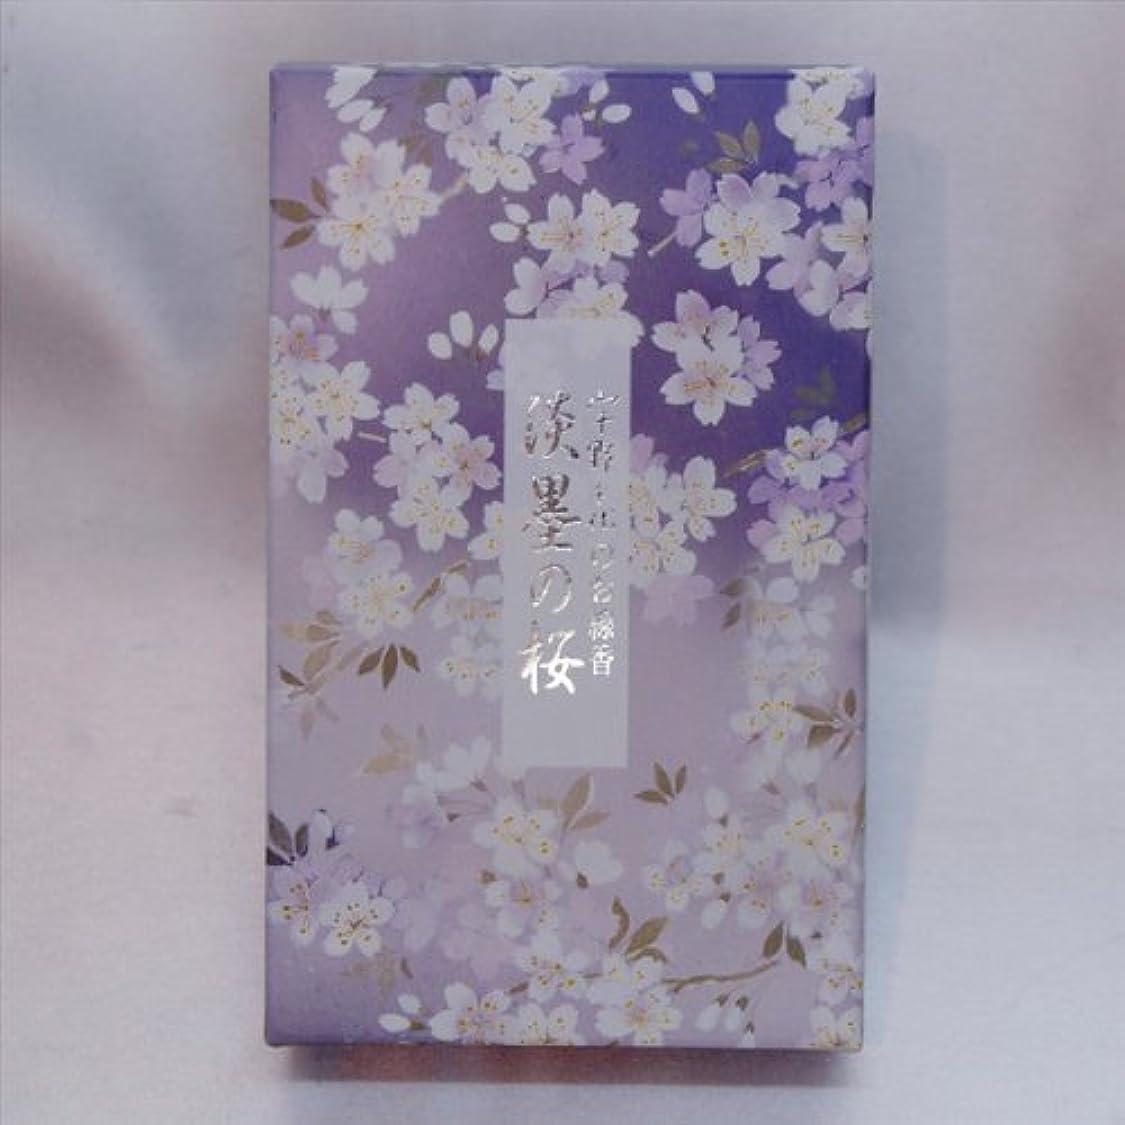 リム決済早く線香 【淡墨の桜】 煙の少ない お線香 微煙香